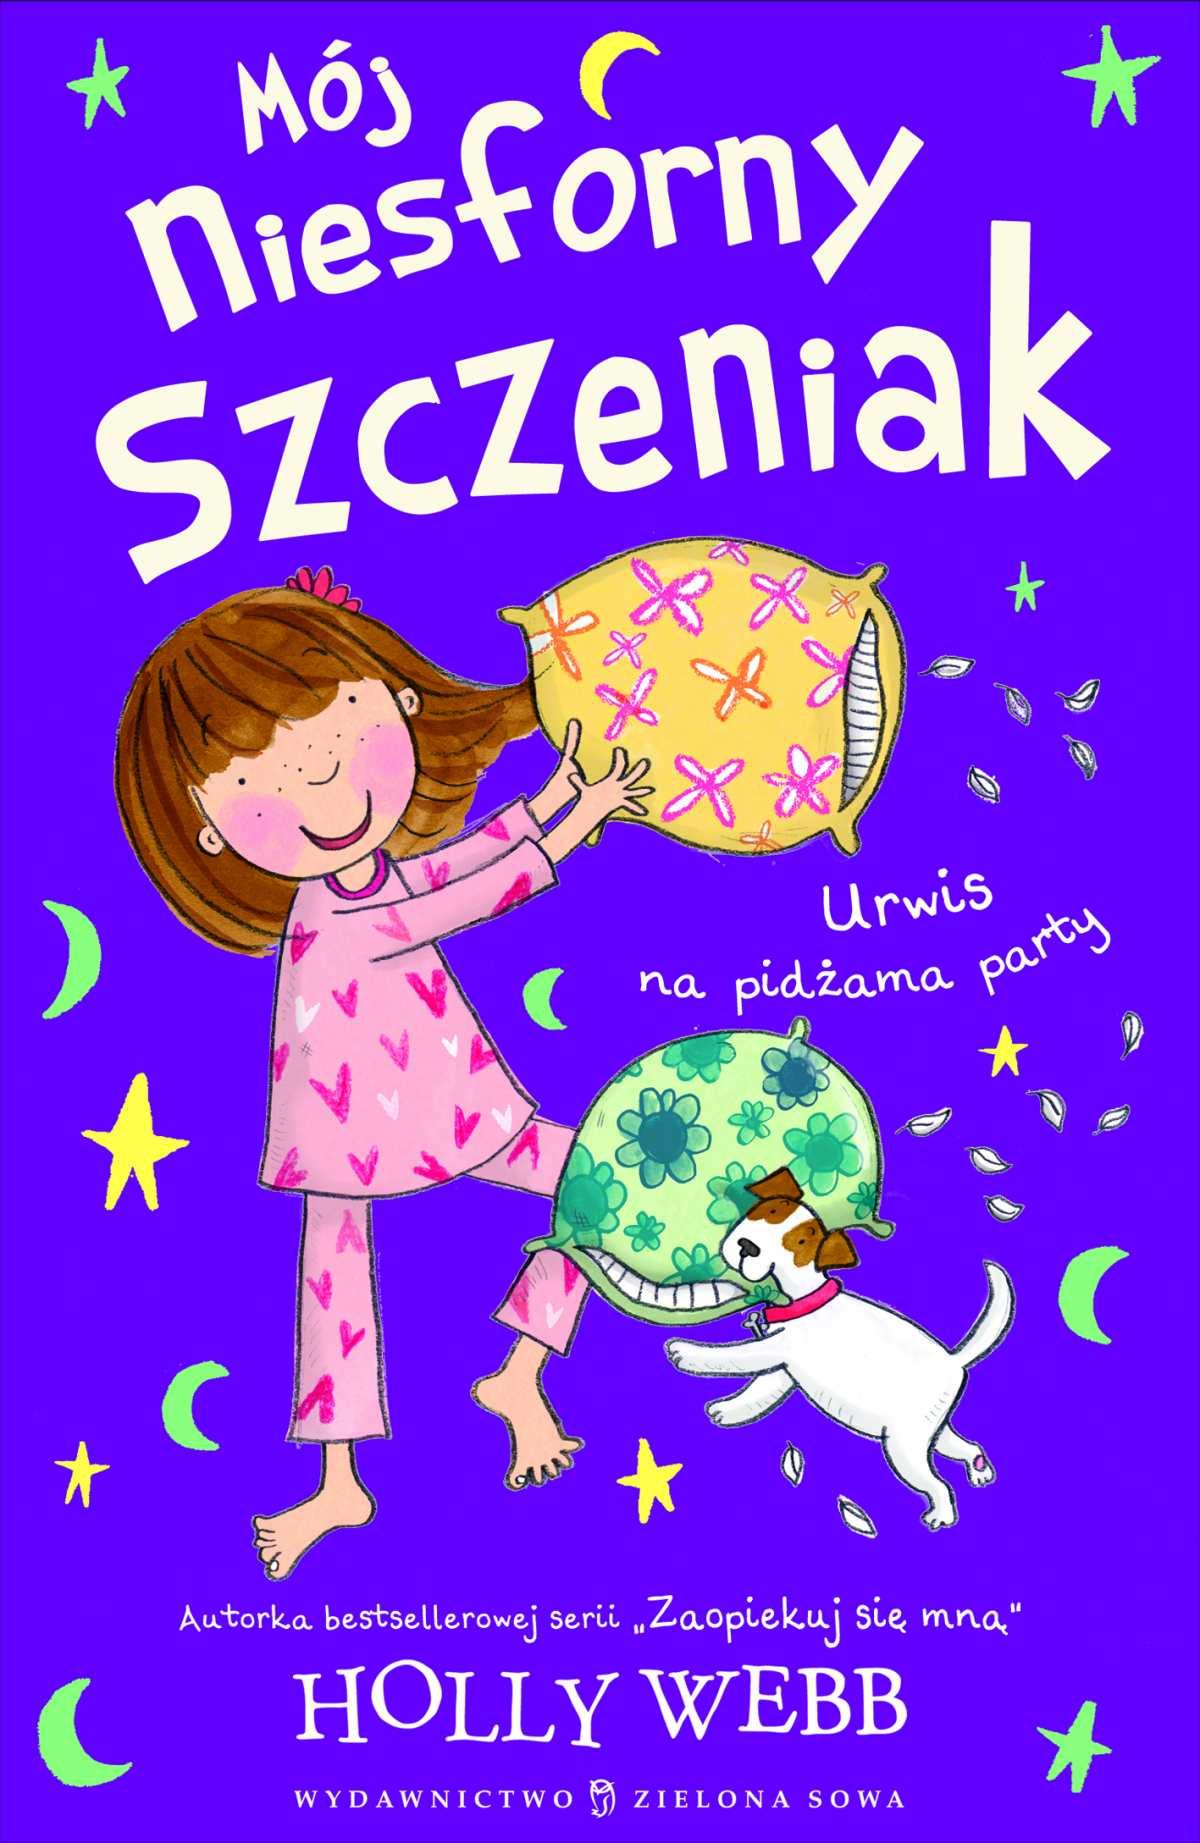 Mój niesforny szczeniak cz. 4. Urwis na pidżama party - Ebook (Książka na Kindle) do pobrania w formacie MOBI